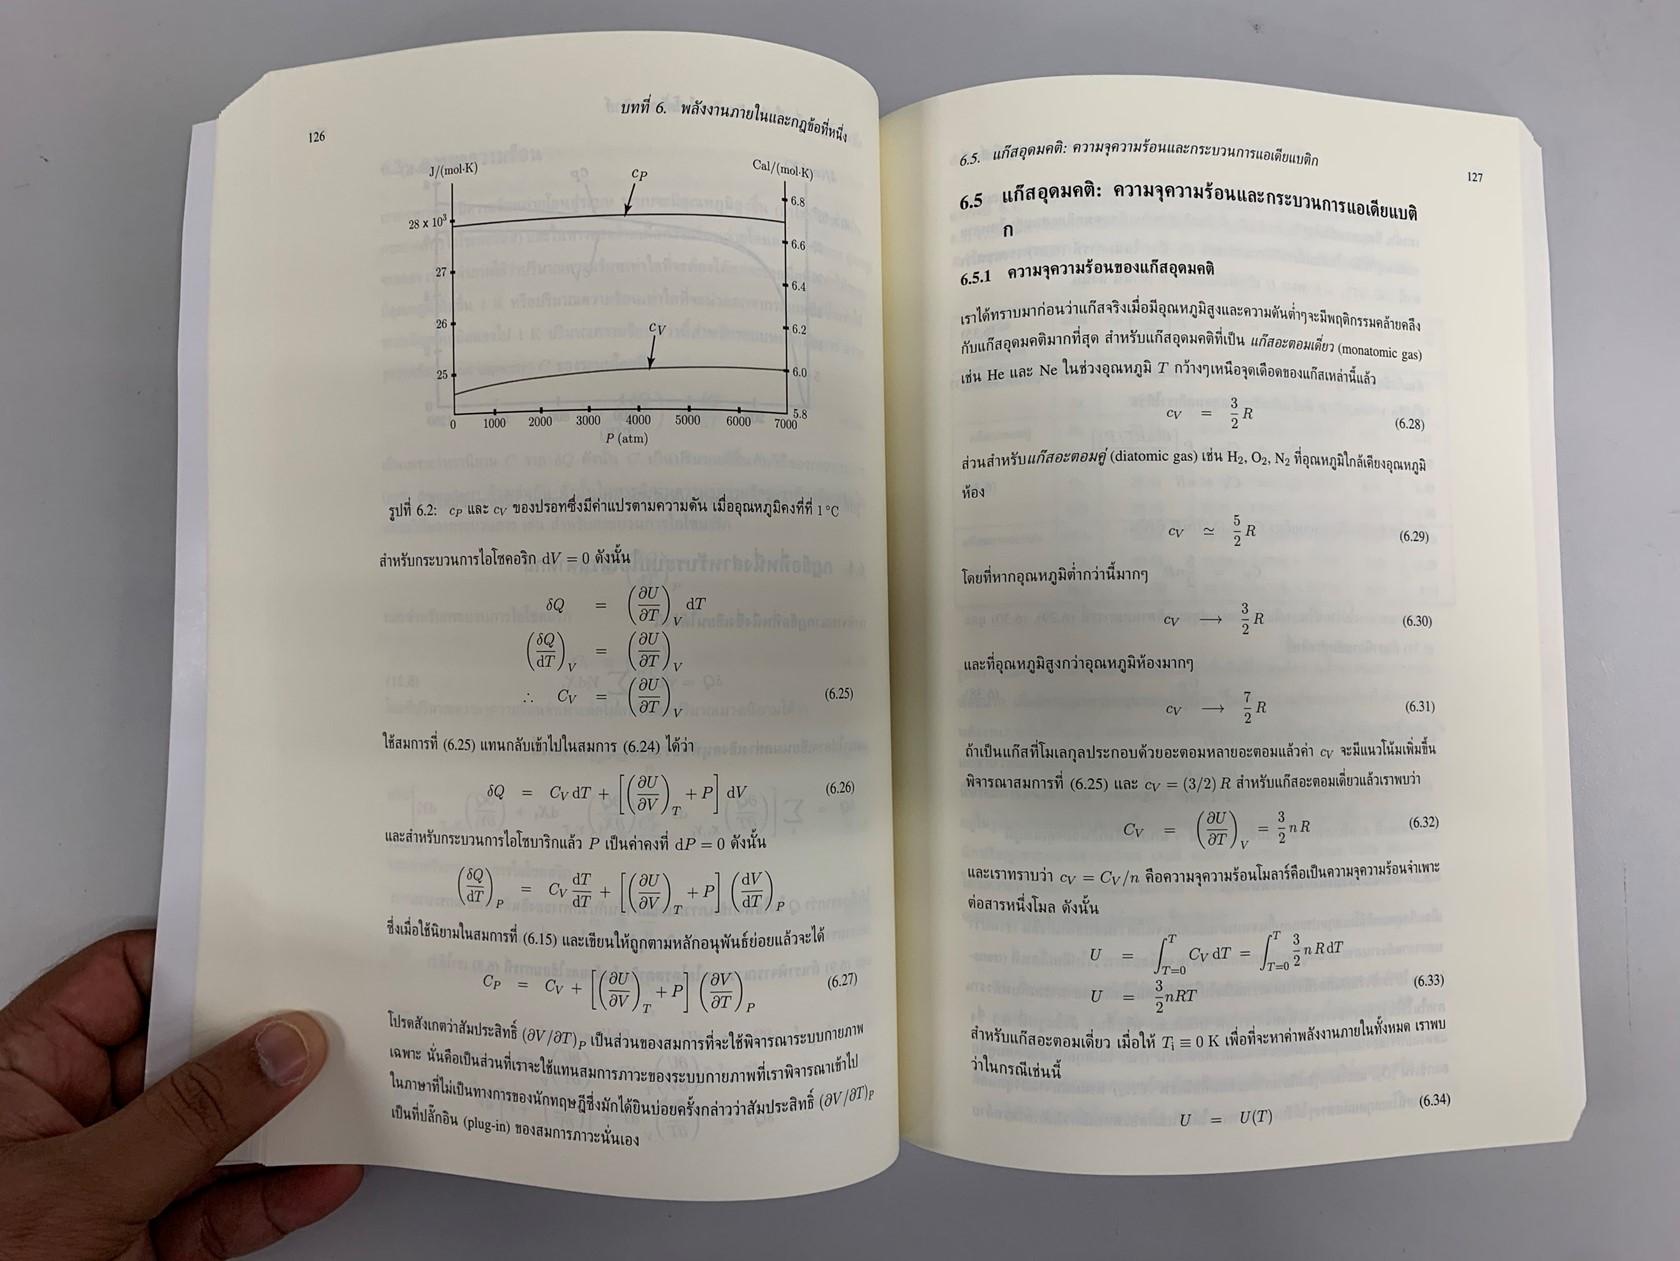 อุณหพลศาสตร์ (Thermodynamics)